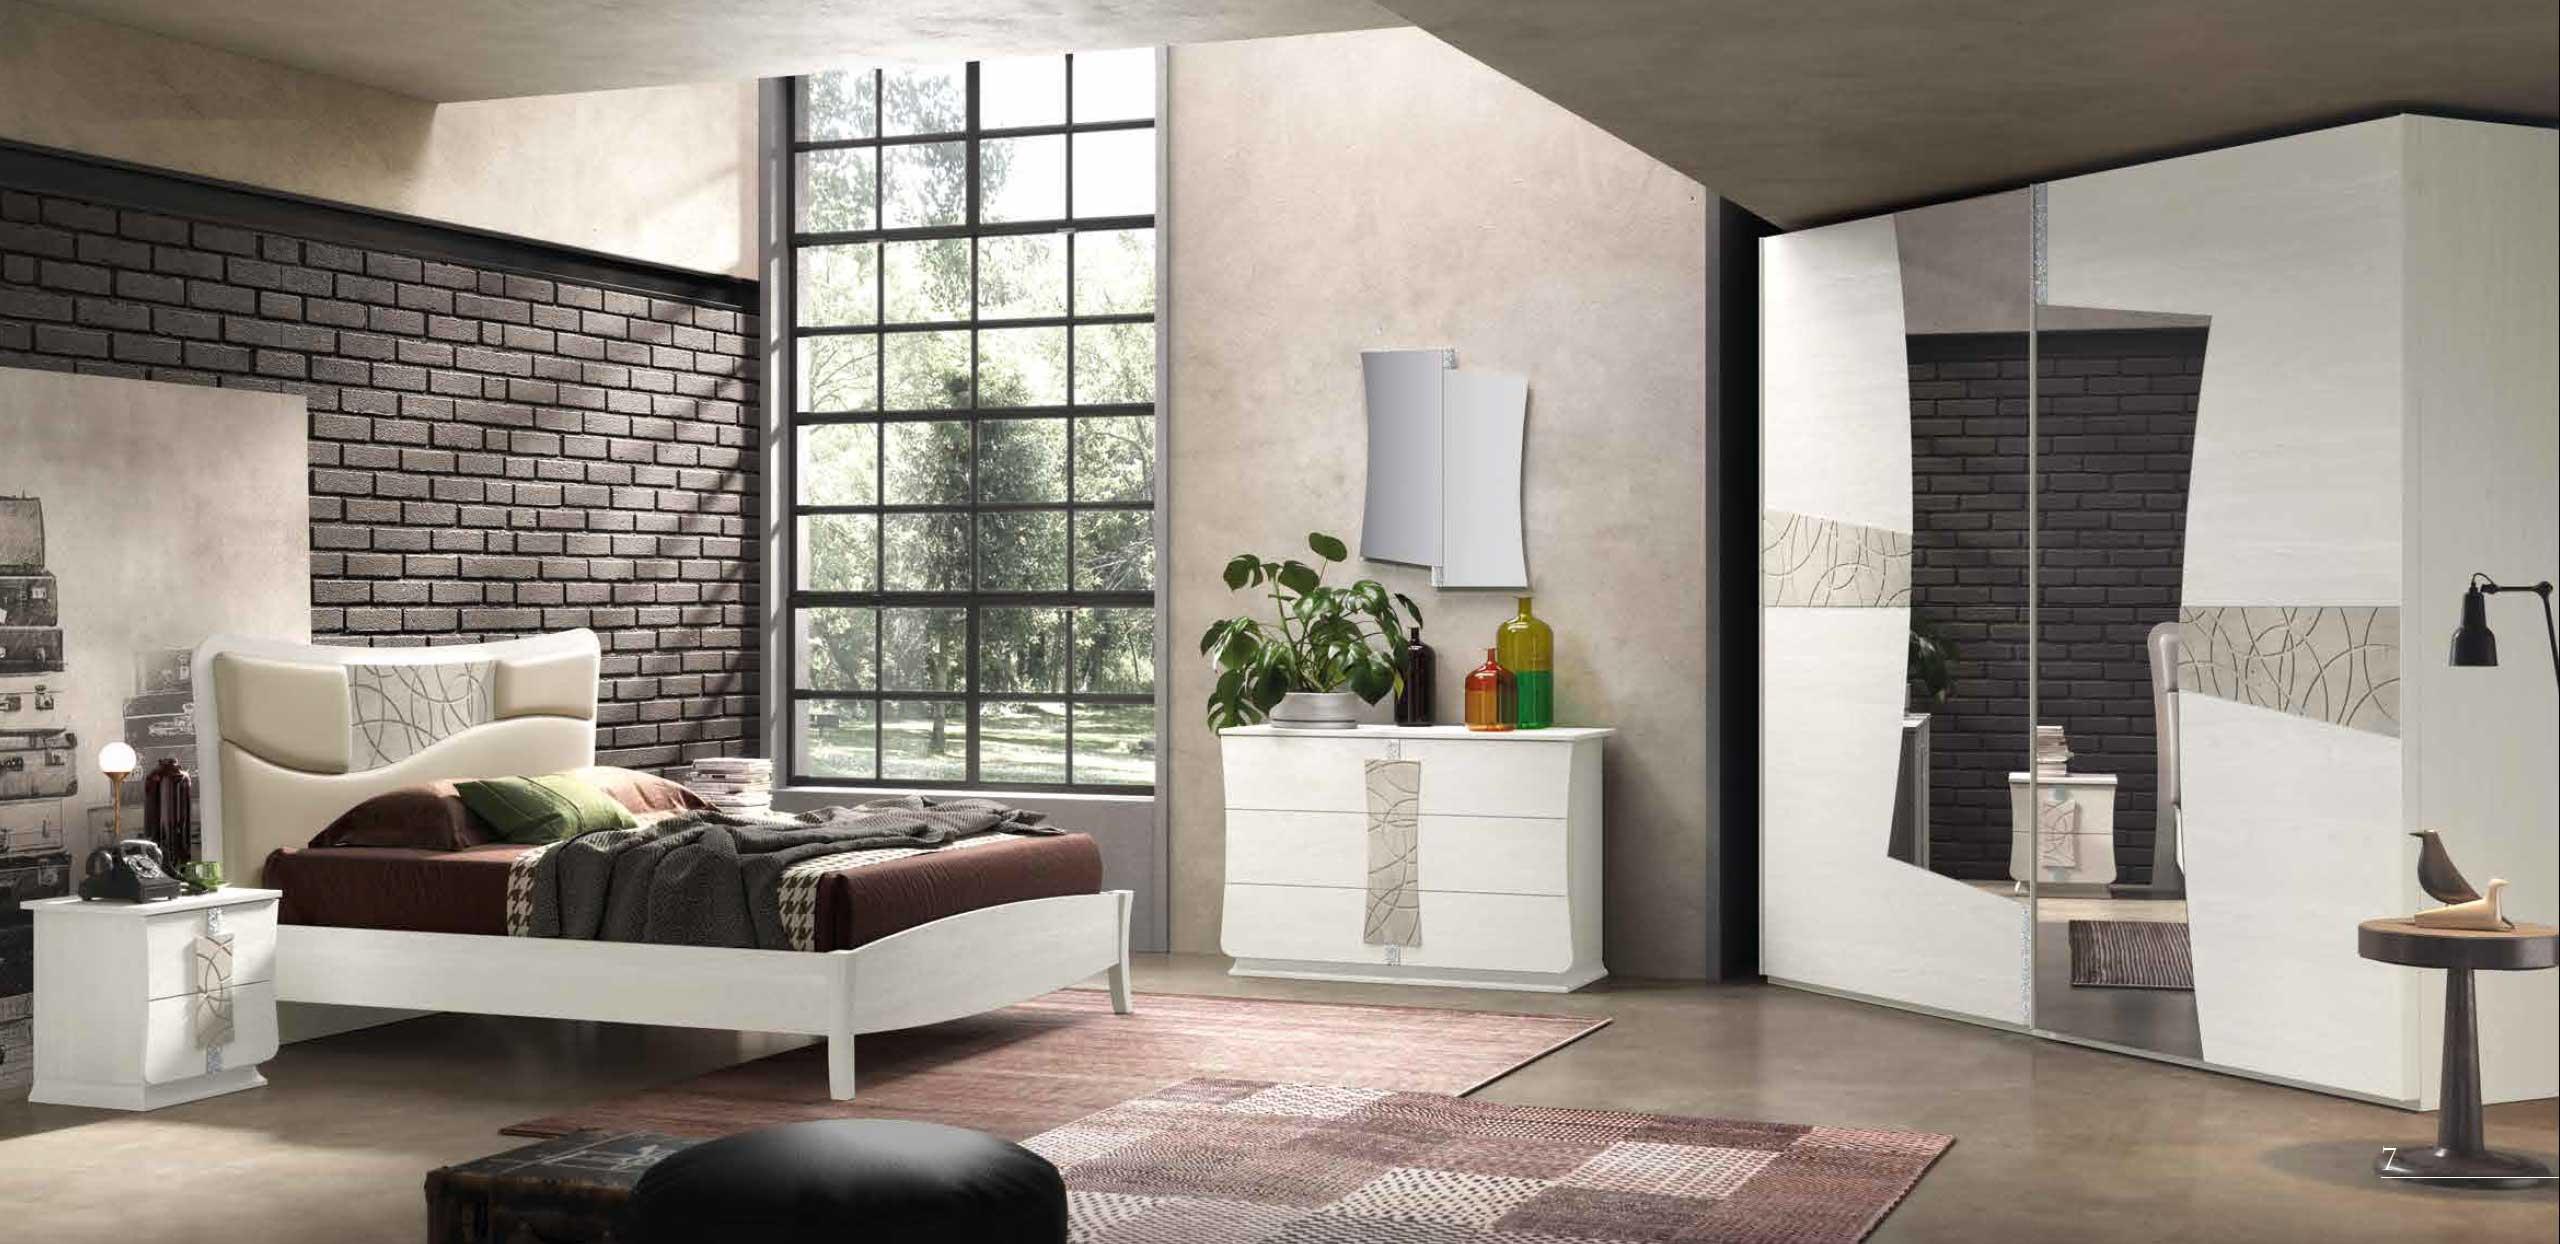 Camera da letto modello Age